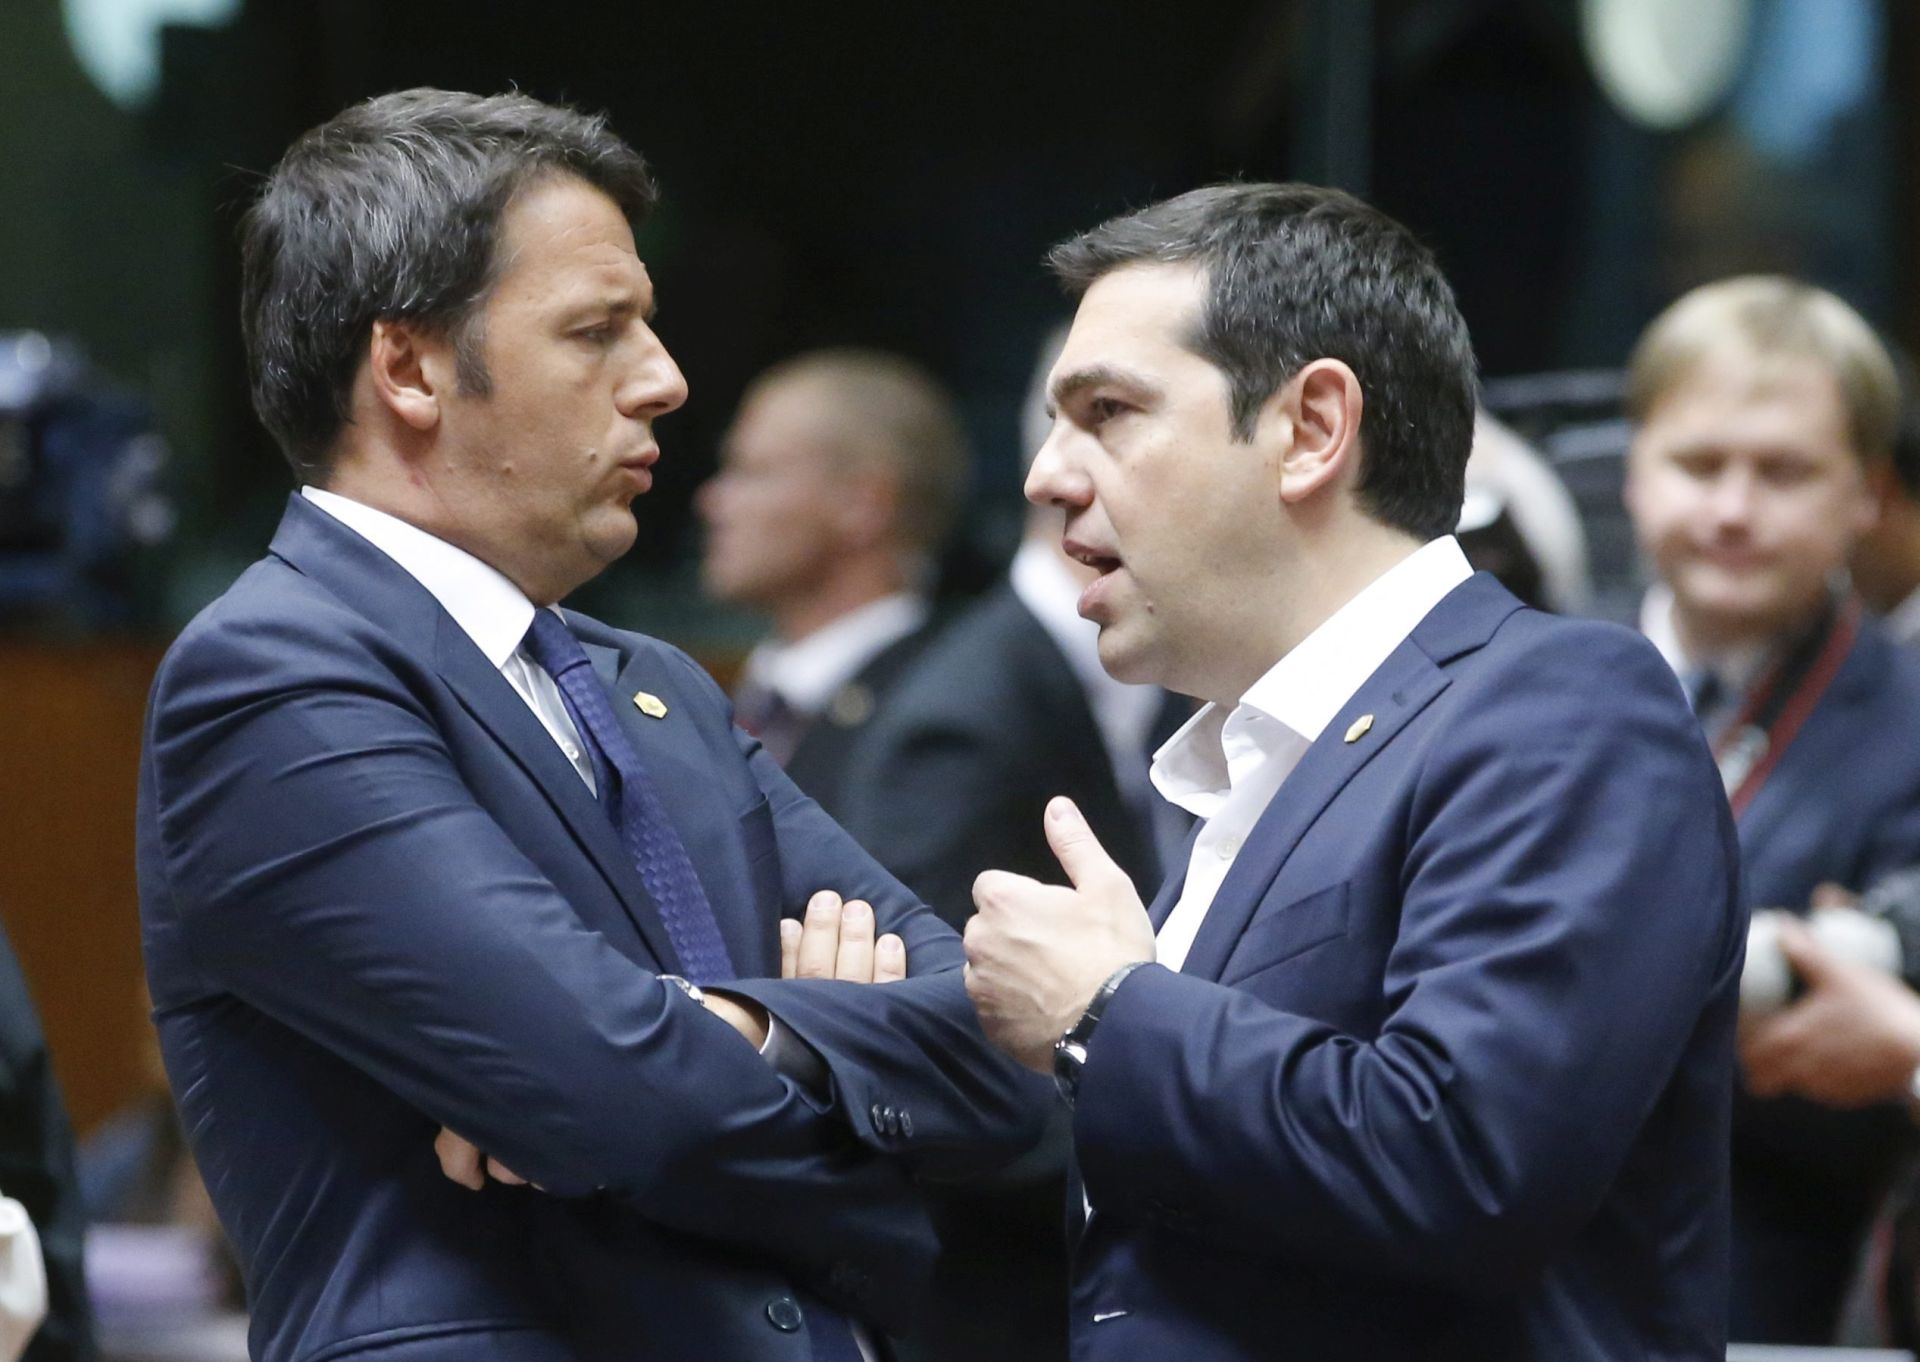 KRIZNI SASTANAK EUROSKUPINE Ministri započinju razgovore o posljedicama izostanka dogovora s Grcima